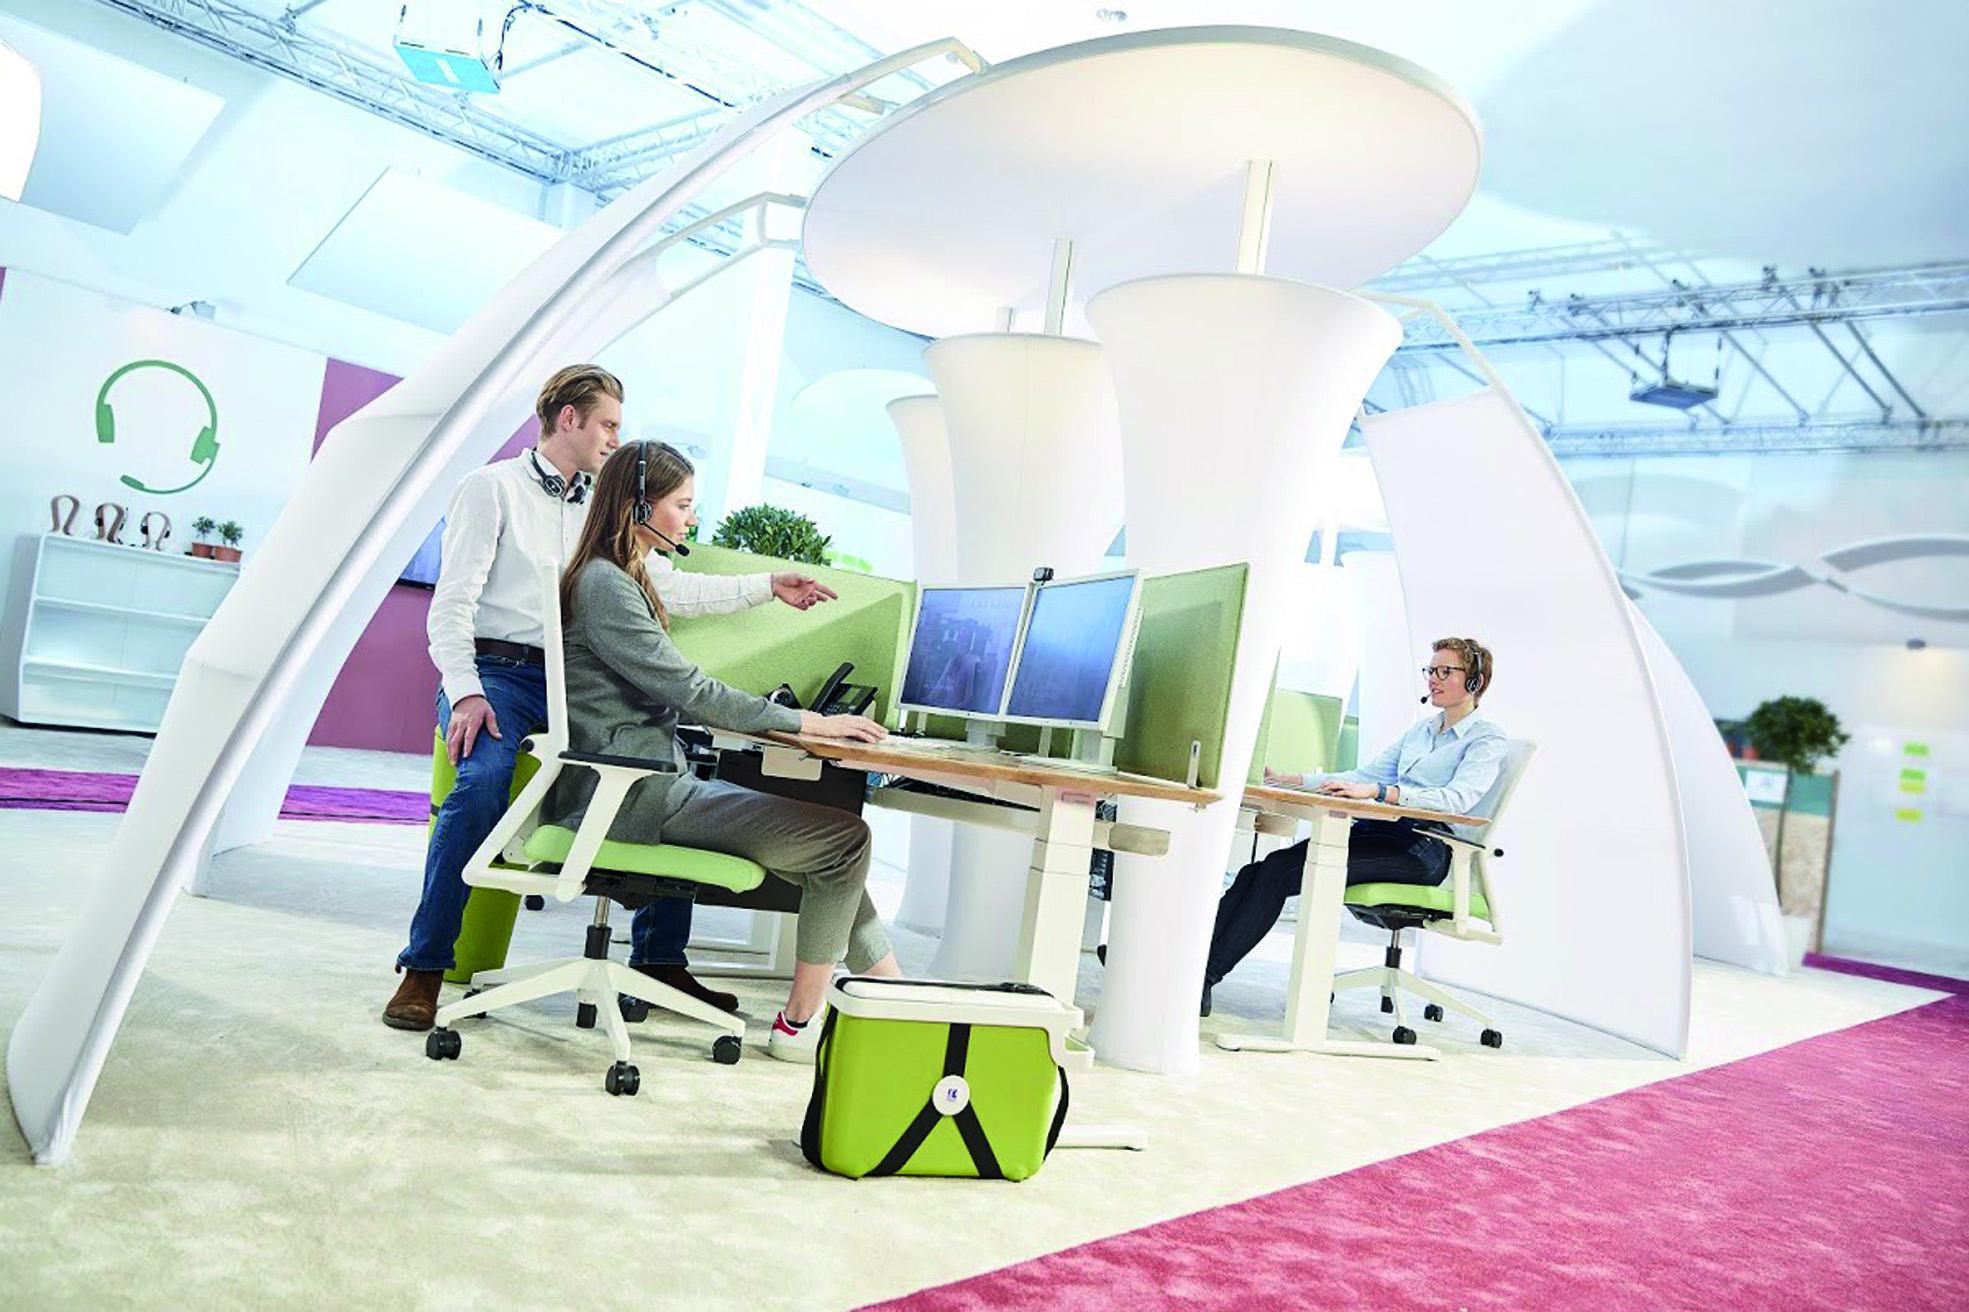 Modernisierte, auf den Mitarbeiter zugeschnittene Arbeitswelt